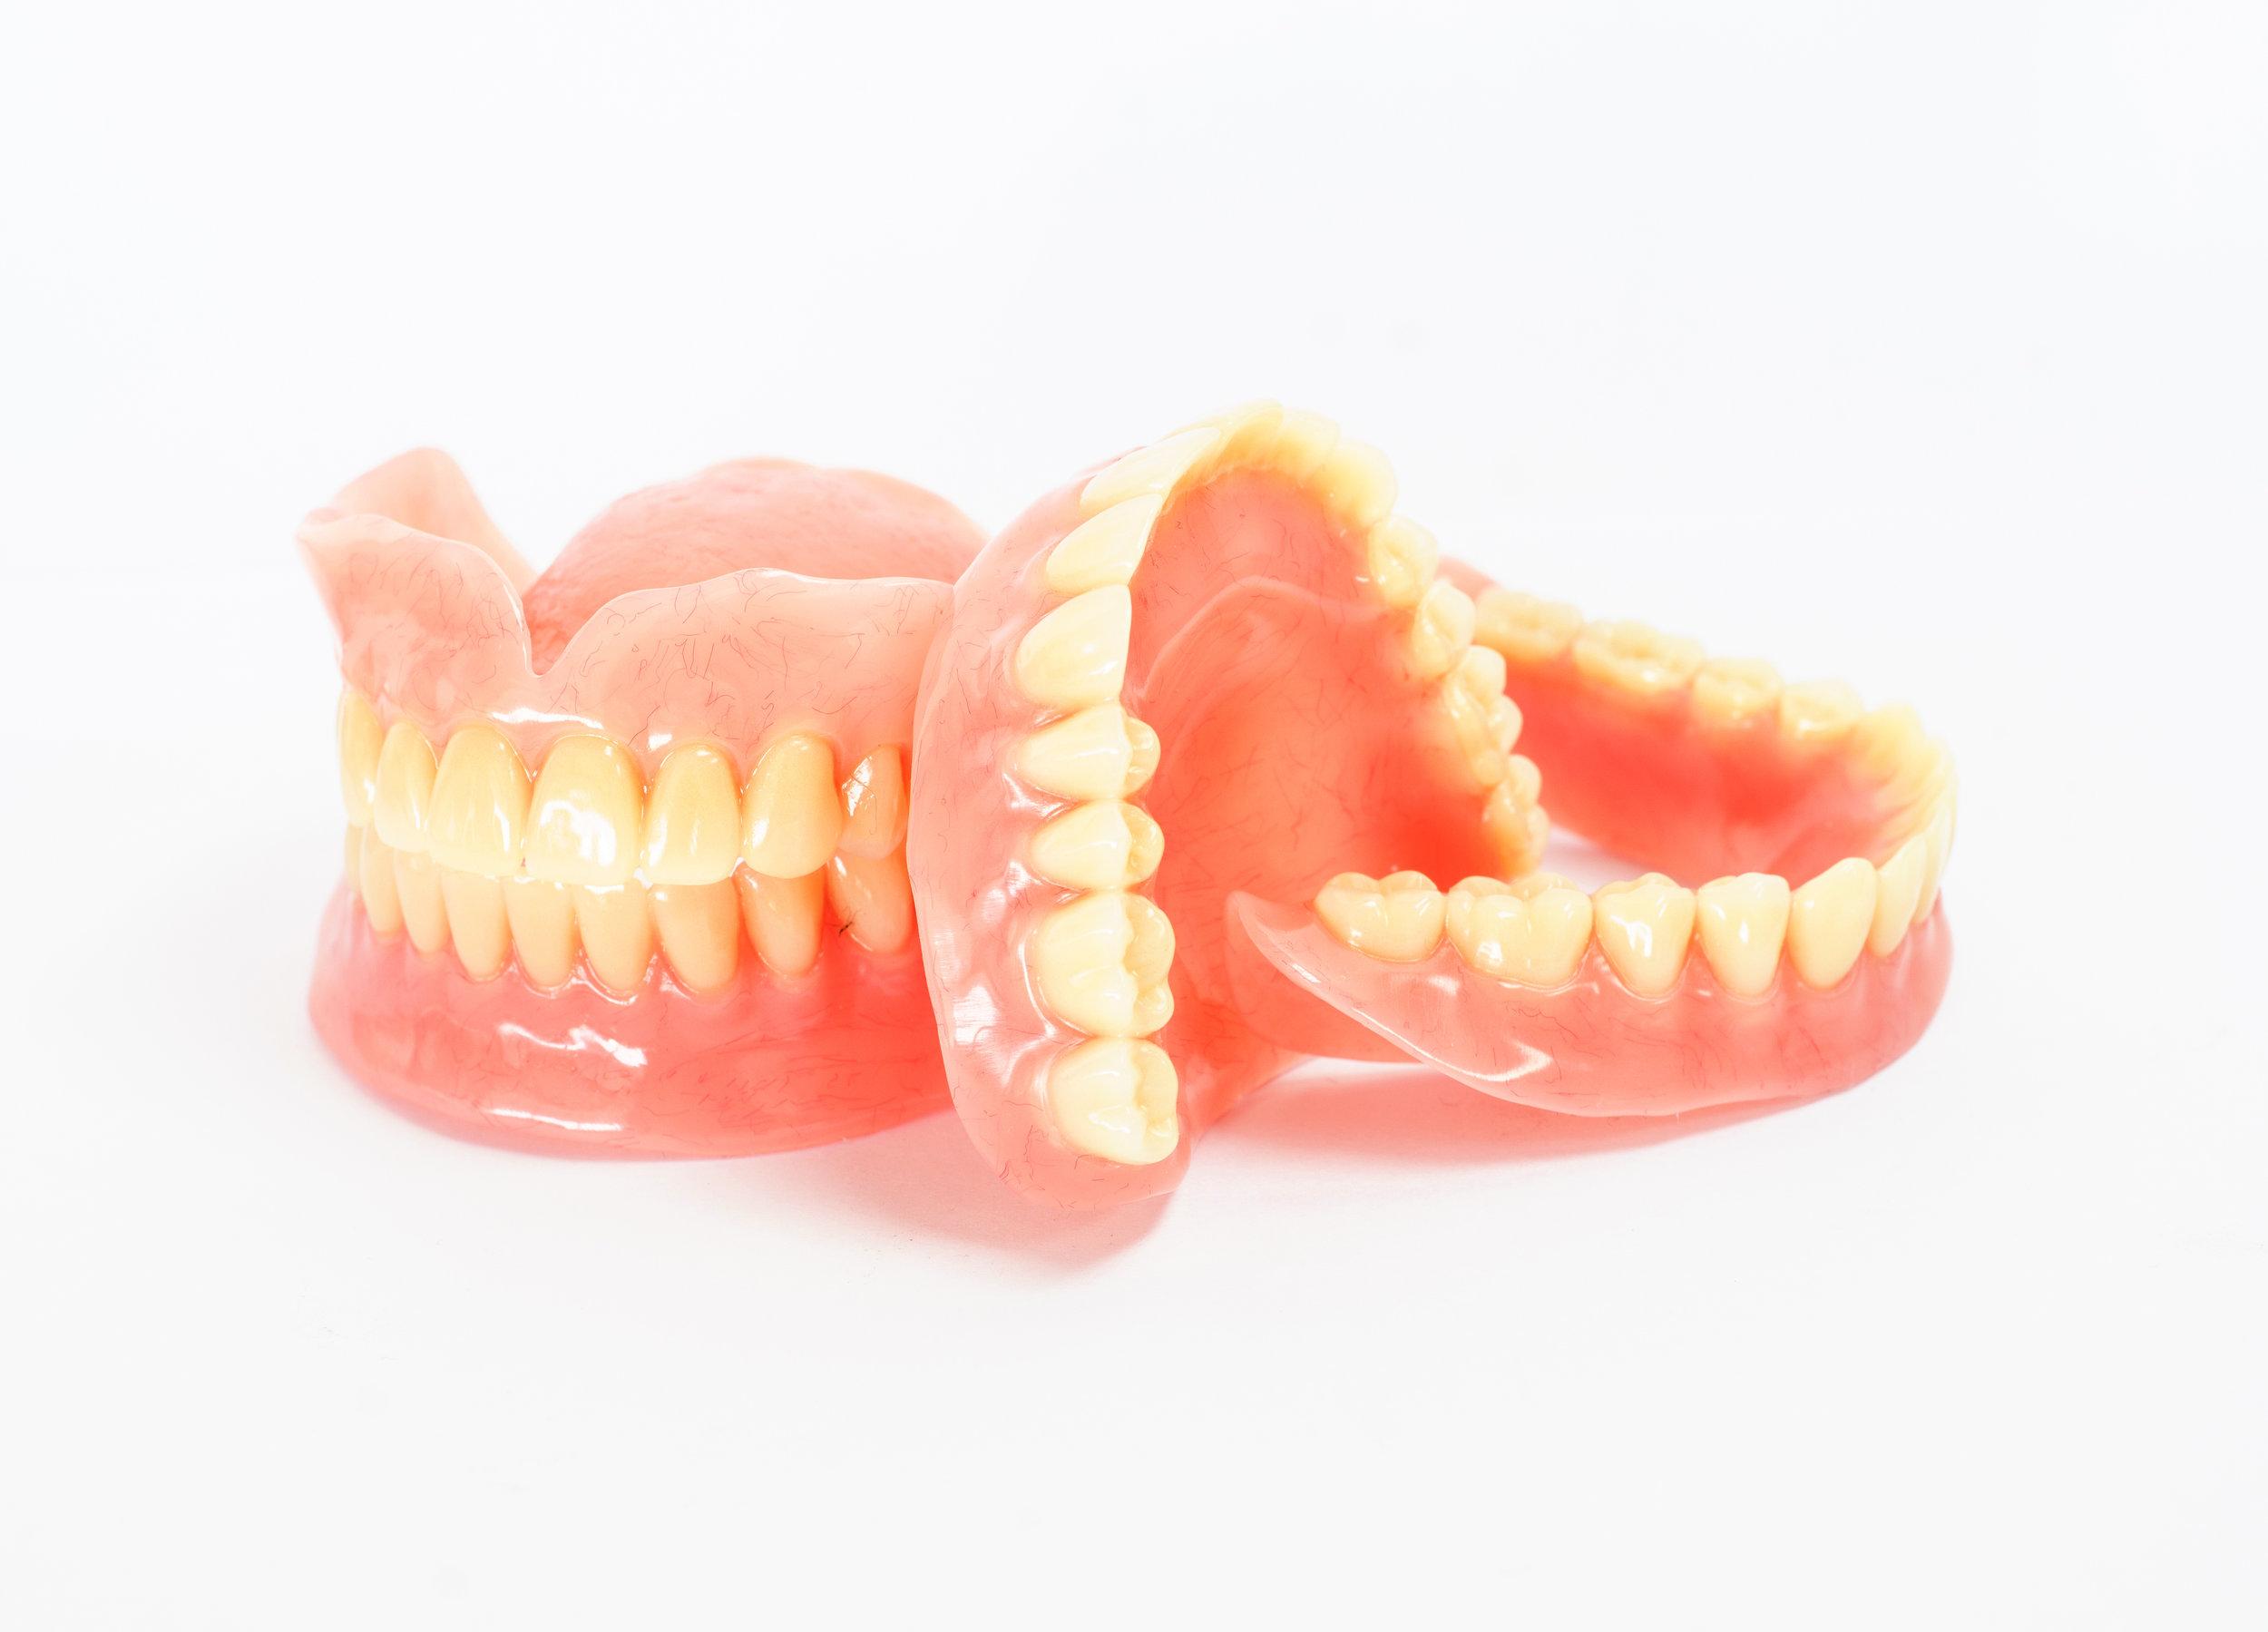 Canva - Full denture.jpg